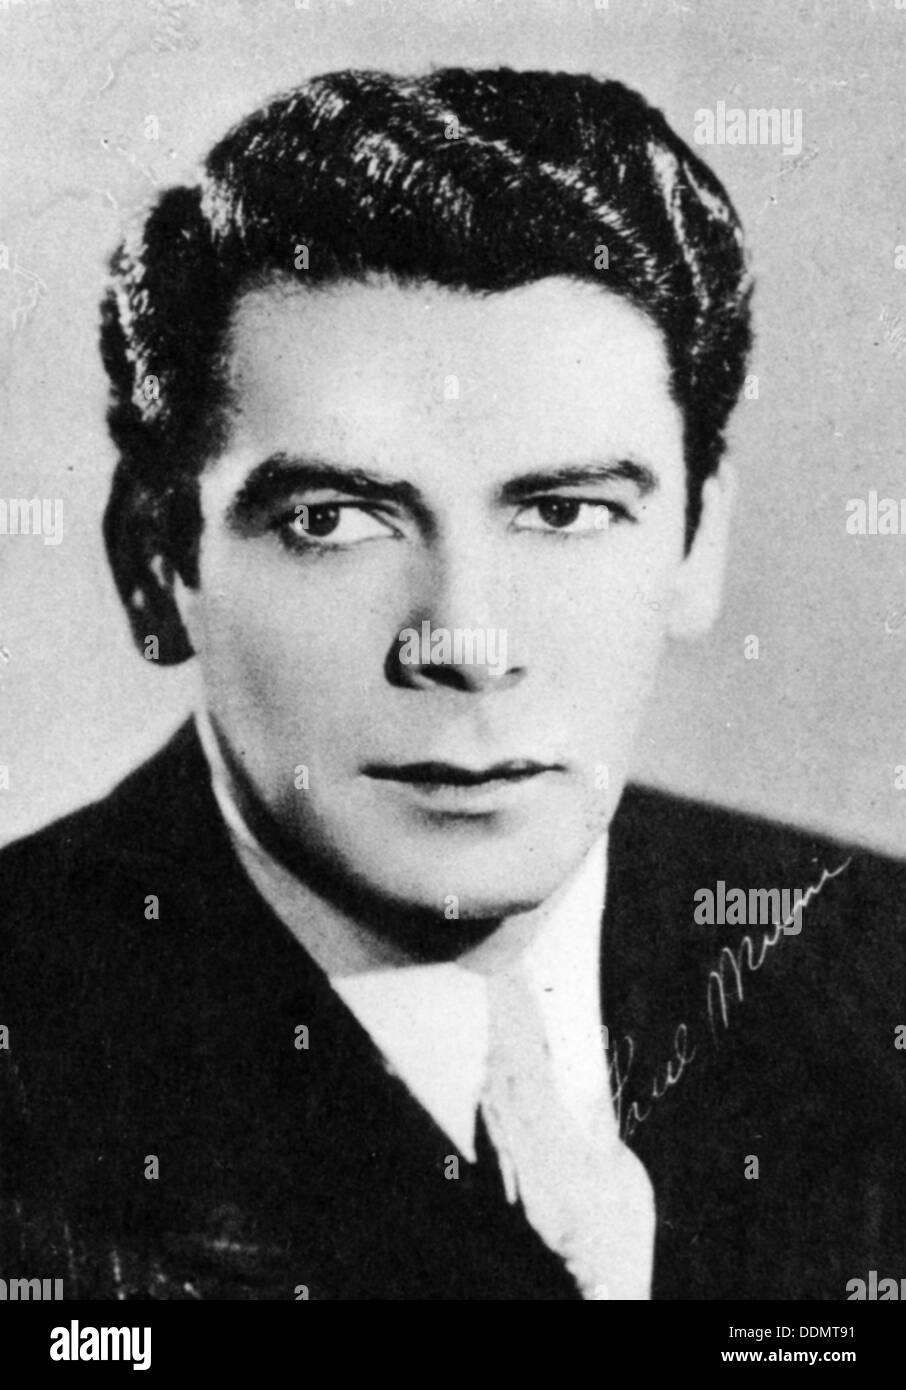 Paul Muni (1895-1967), American actor. - Stock Image